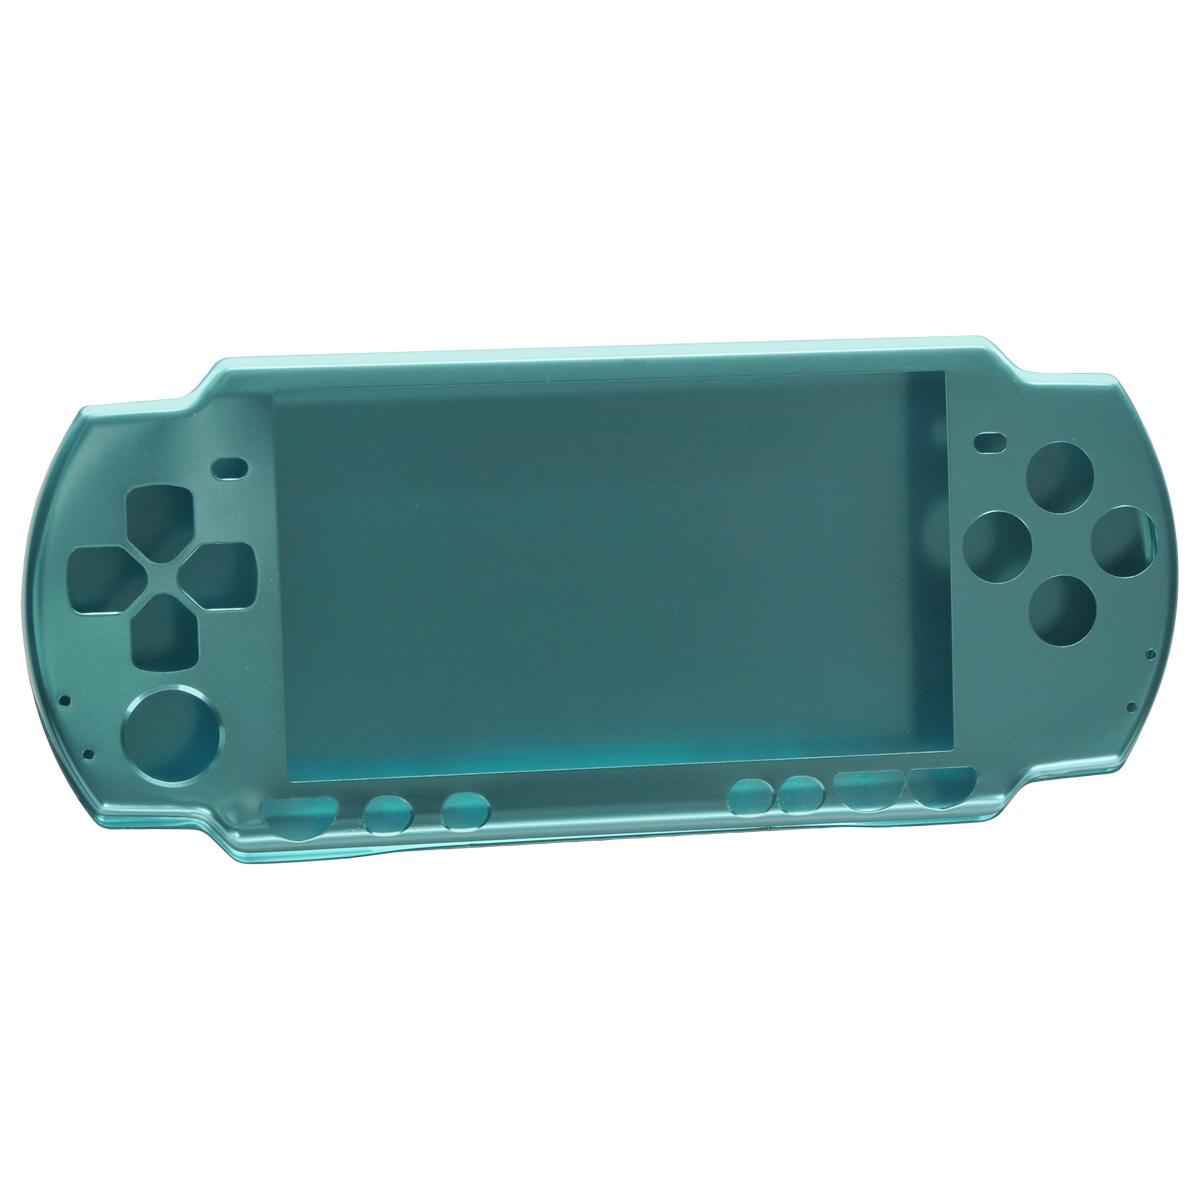 Алюминиевый защитный корпус Game Guru для Sony PSP 2000/3000 (голубой)PSP2000-Y027Алюминиевый защитный корпус Game Guru для Sony PSP 2000/3000 обеспечит сохранность вашей игровой приставки. Корпус обеспечит надежную защиту от царапин, трещин и сколов как во время работы, так и при перевозке, а также сделает использование гаджета более комфортным благодаря свободному доступу ко всем функциональным кнопкам.